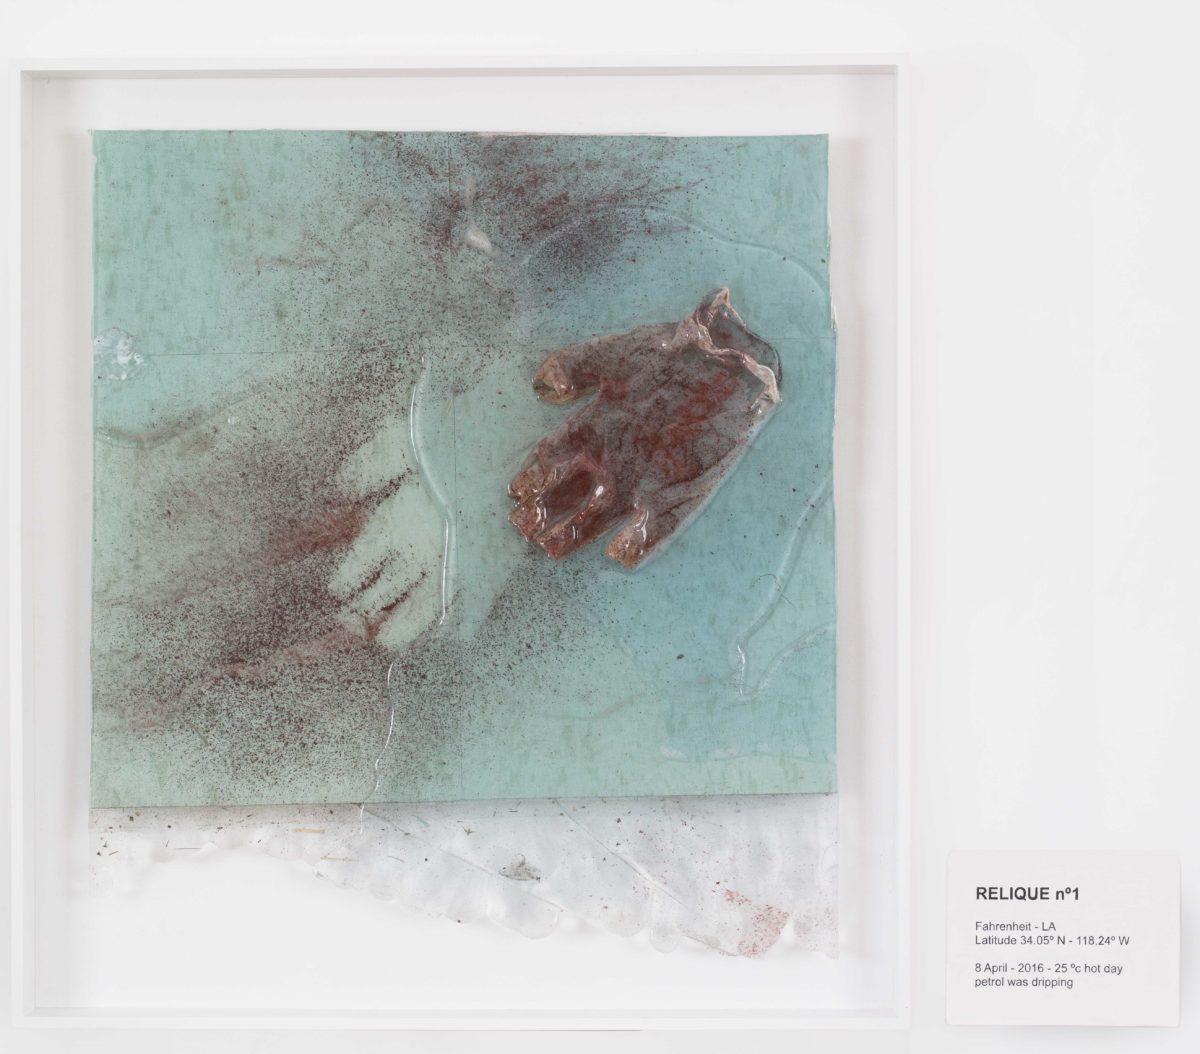 Laure Prouvost, RELIQUE n°1, 8 April 2016, 2016. Galerie Nathalie Obadia, Paris / Bruxelles